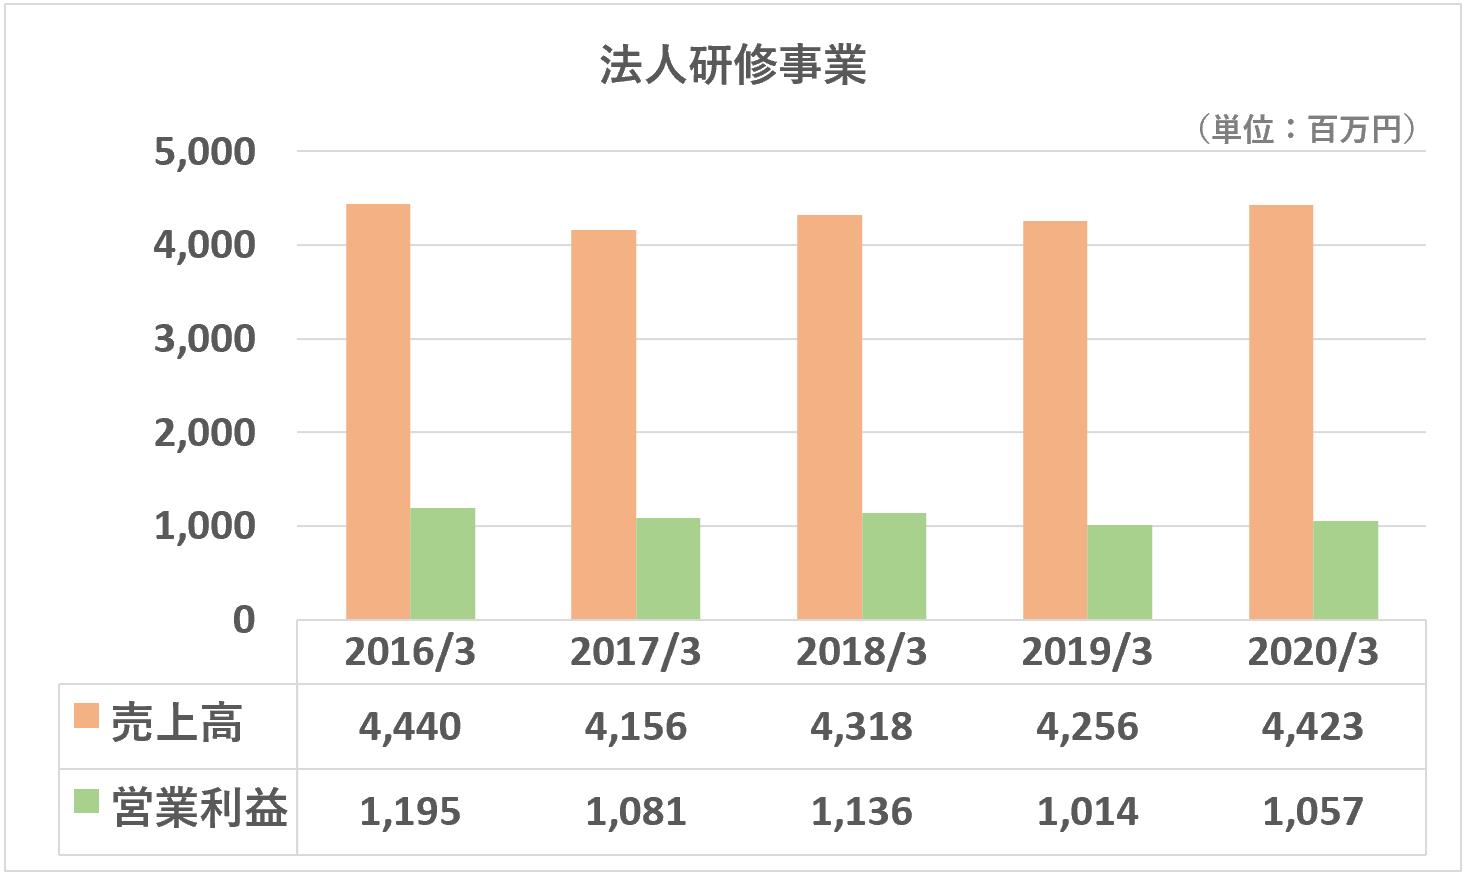 TAC売上高営業利益推移(法人研修事業)